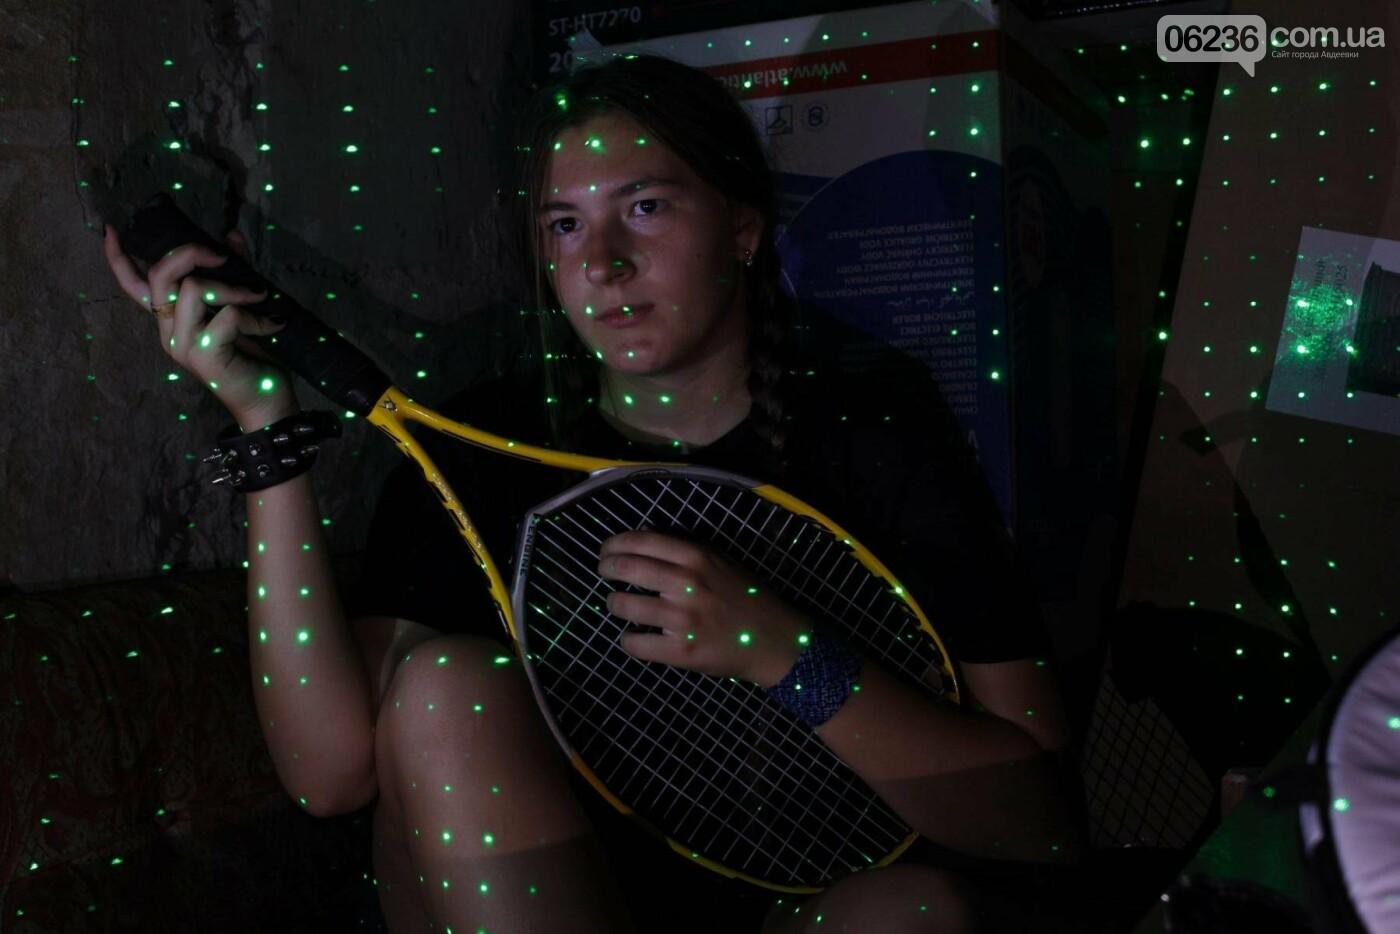 «Мечта идиота, нежность и рок-звезда»: в Авдеевке подвели итоги командного фотоквеста (ФОТО), фото-2